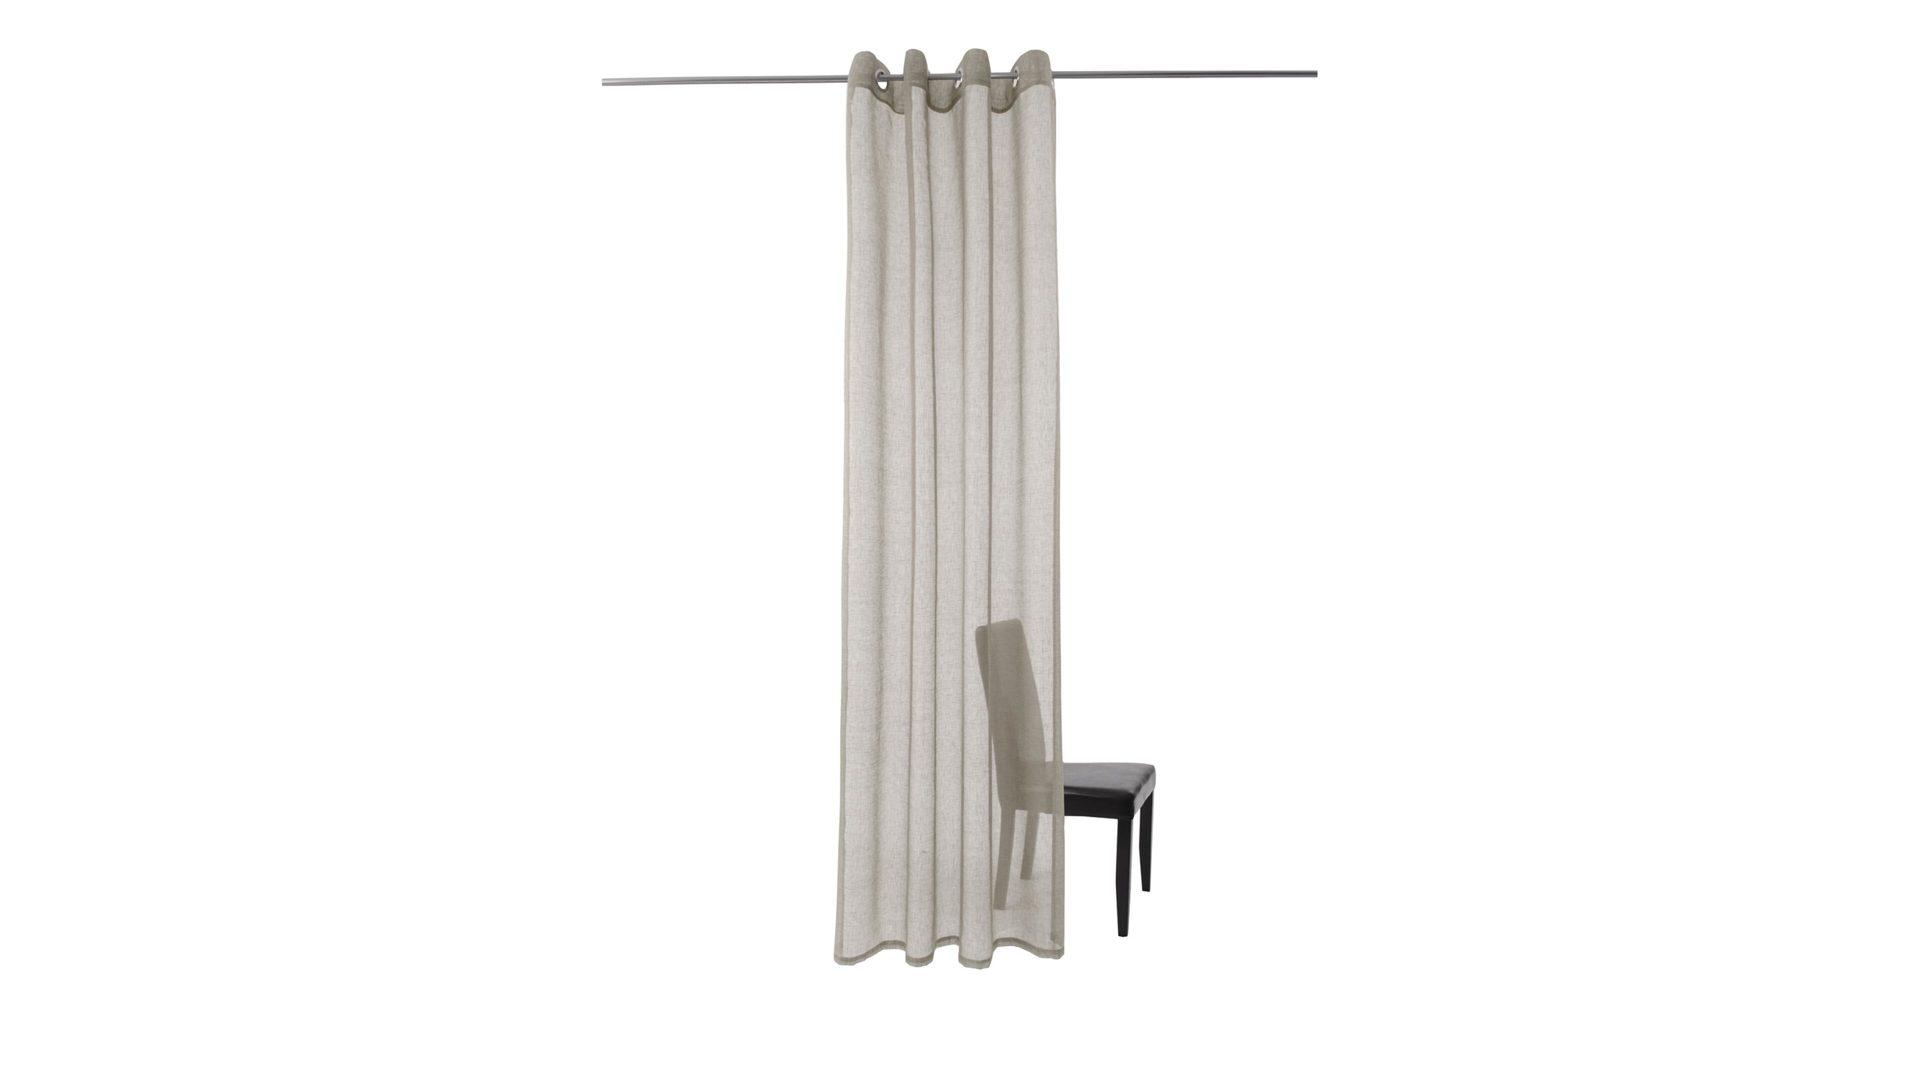 Gardinen Offenburg möbel hugelmann lahr möbel a z textilien gardinen vorhänge